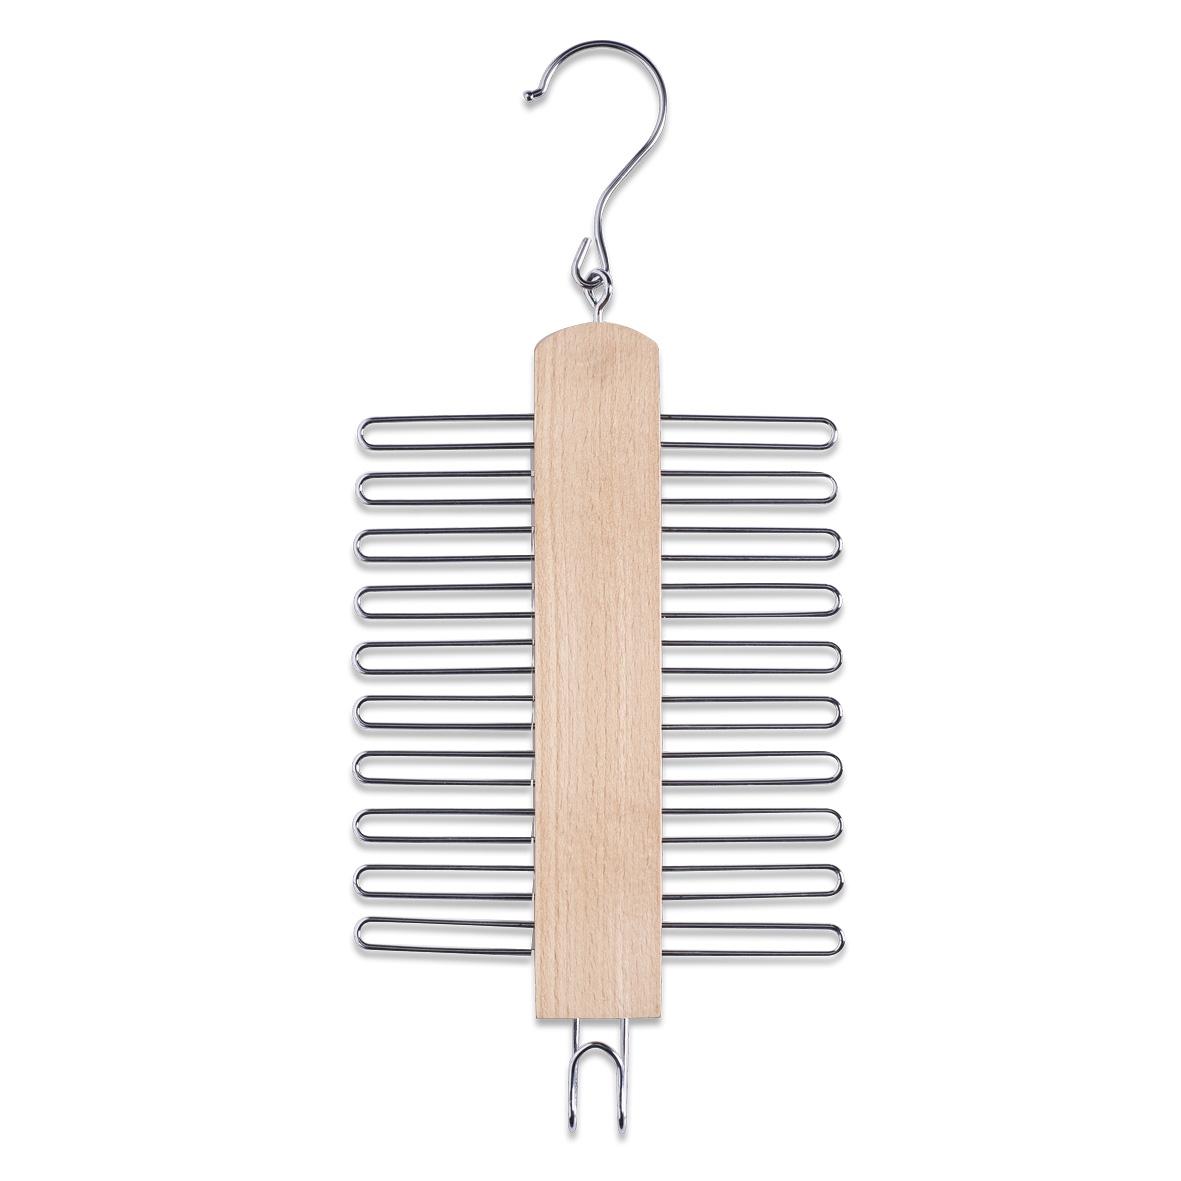 Umeras din metal si lemn pentru cravate, cu 20 carlige, Belt Natural, l16xH39 cm poza